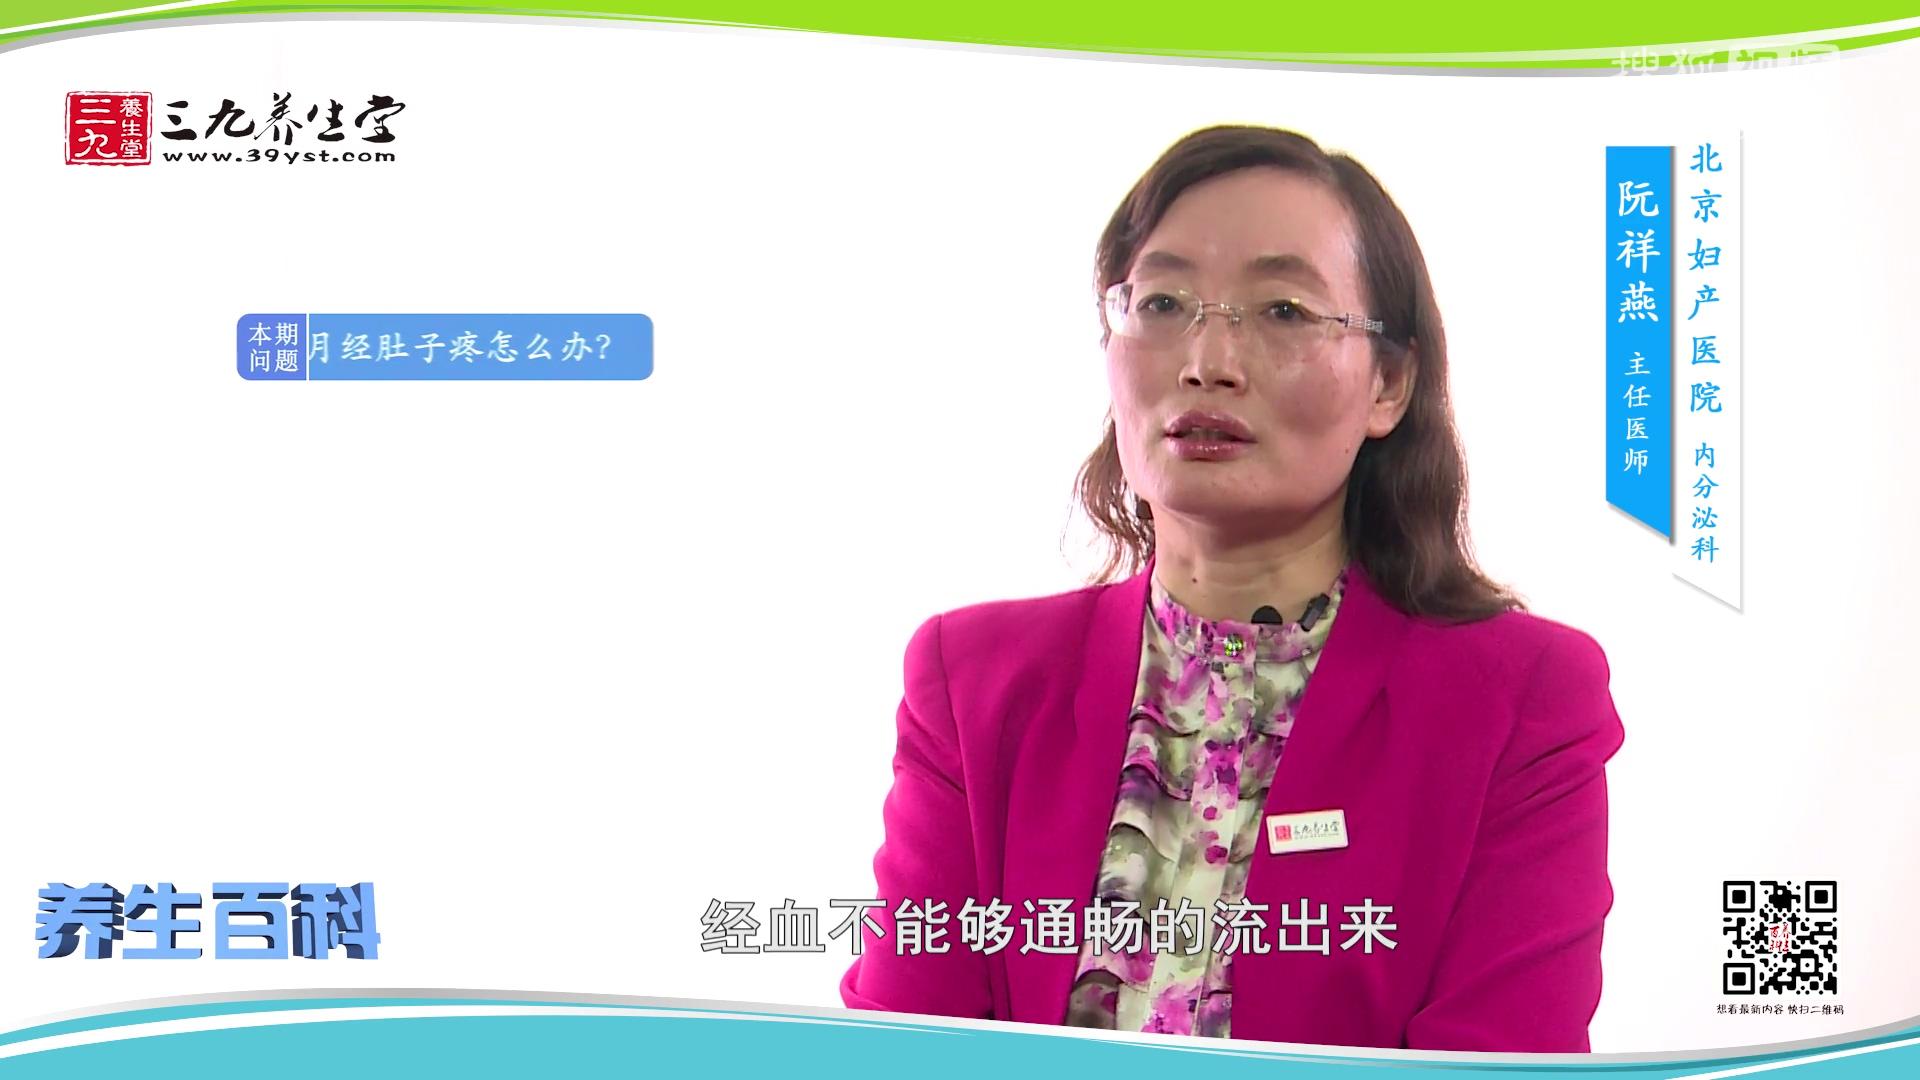 女性健康小知识_来月经肚子疼怎么办-阮祥燕-女性健康-小知识视频-搜狐视频